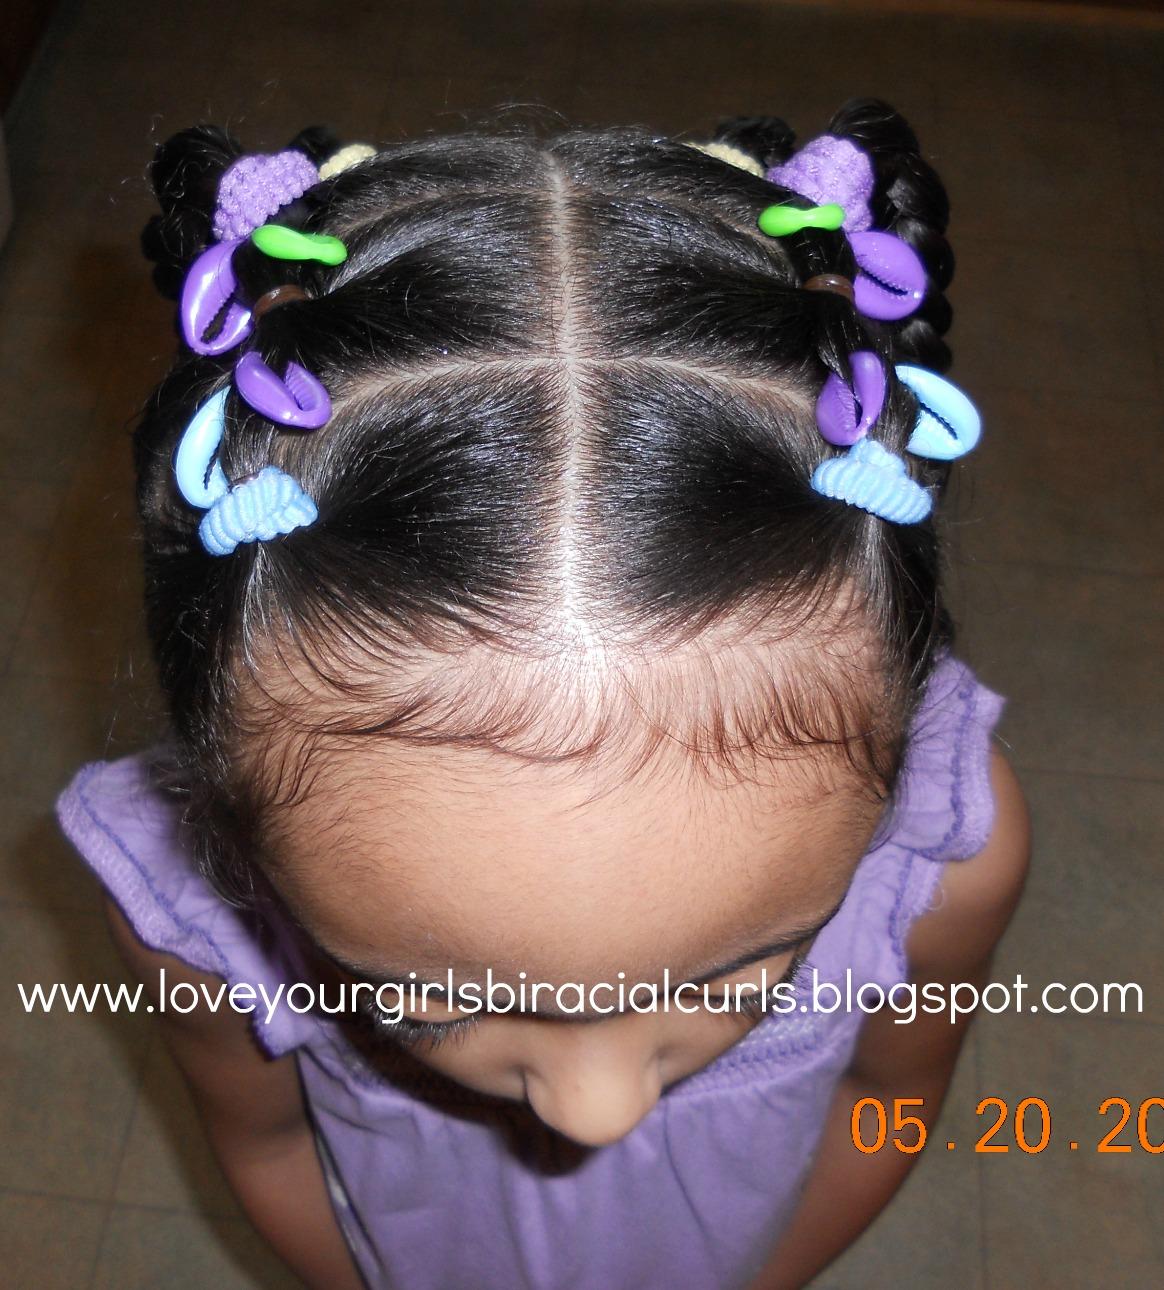 Strange Love Your Girls Biracial Curls Diva R39S Little Mermaid Inspired Short Hairstyles For Black Women Fulllsitofus